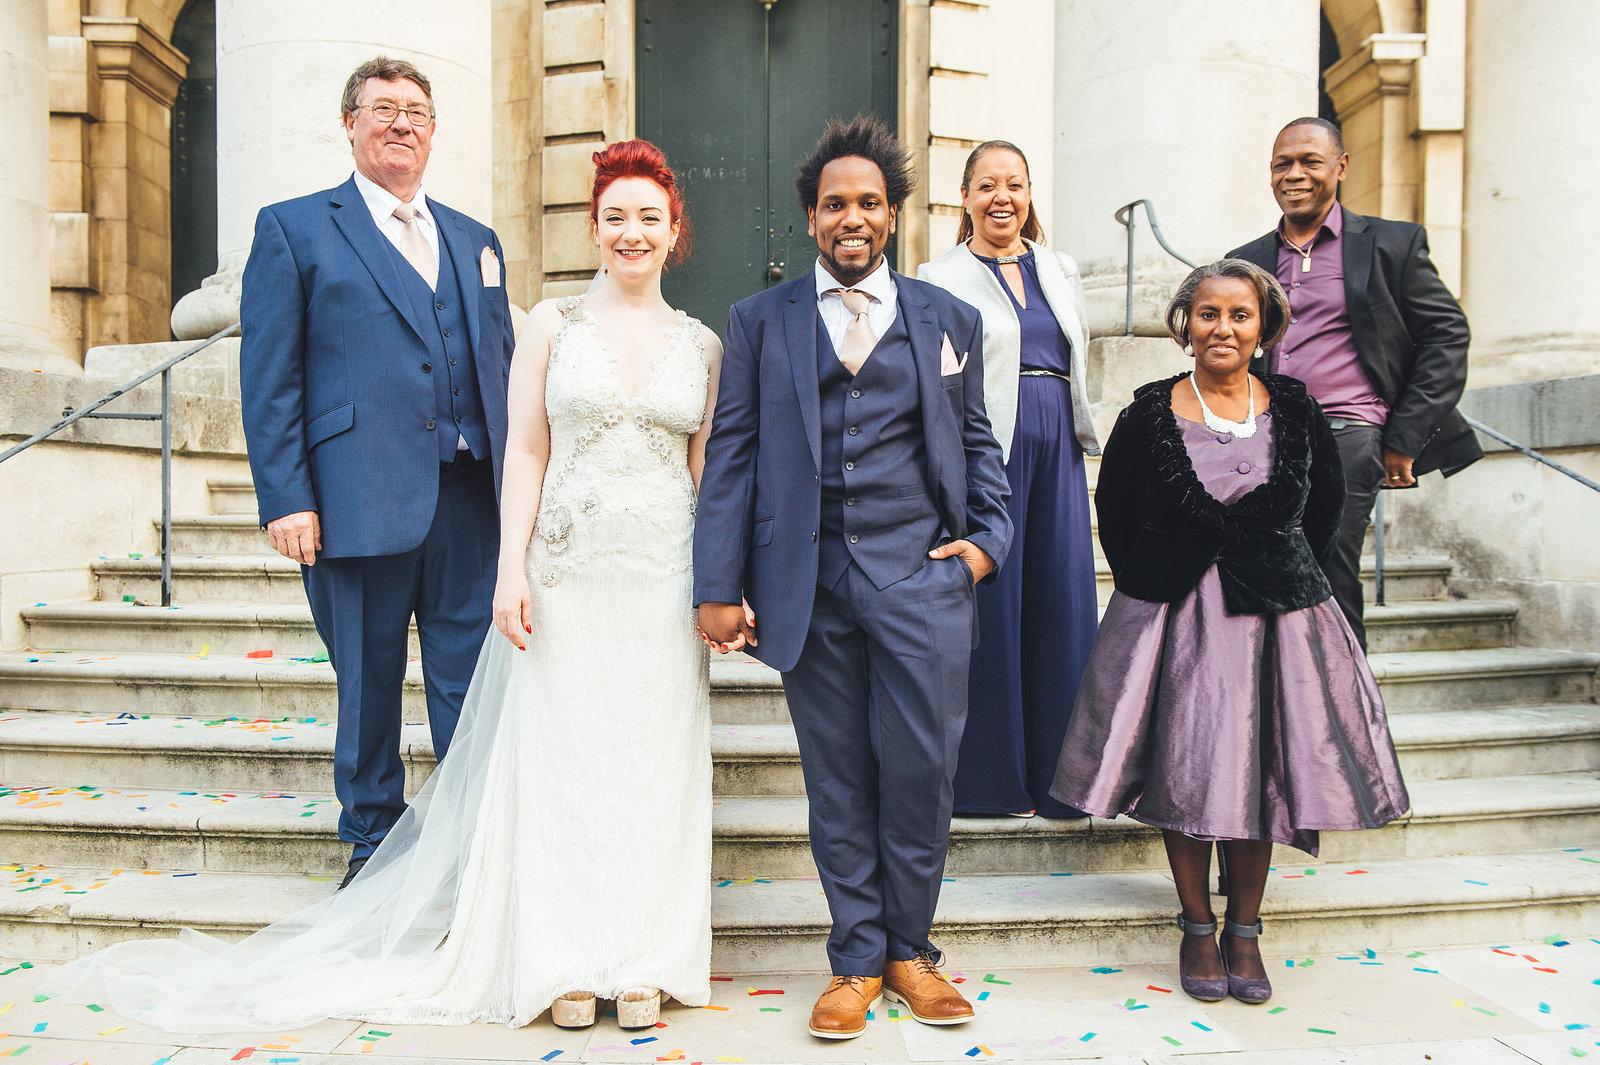 Ann-Marie & Kiryal's wedding, October 2015